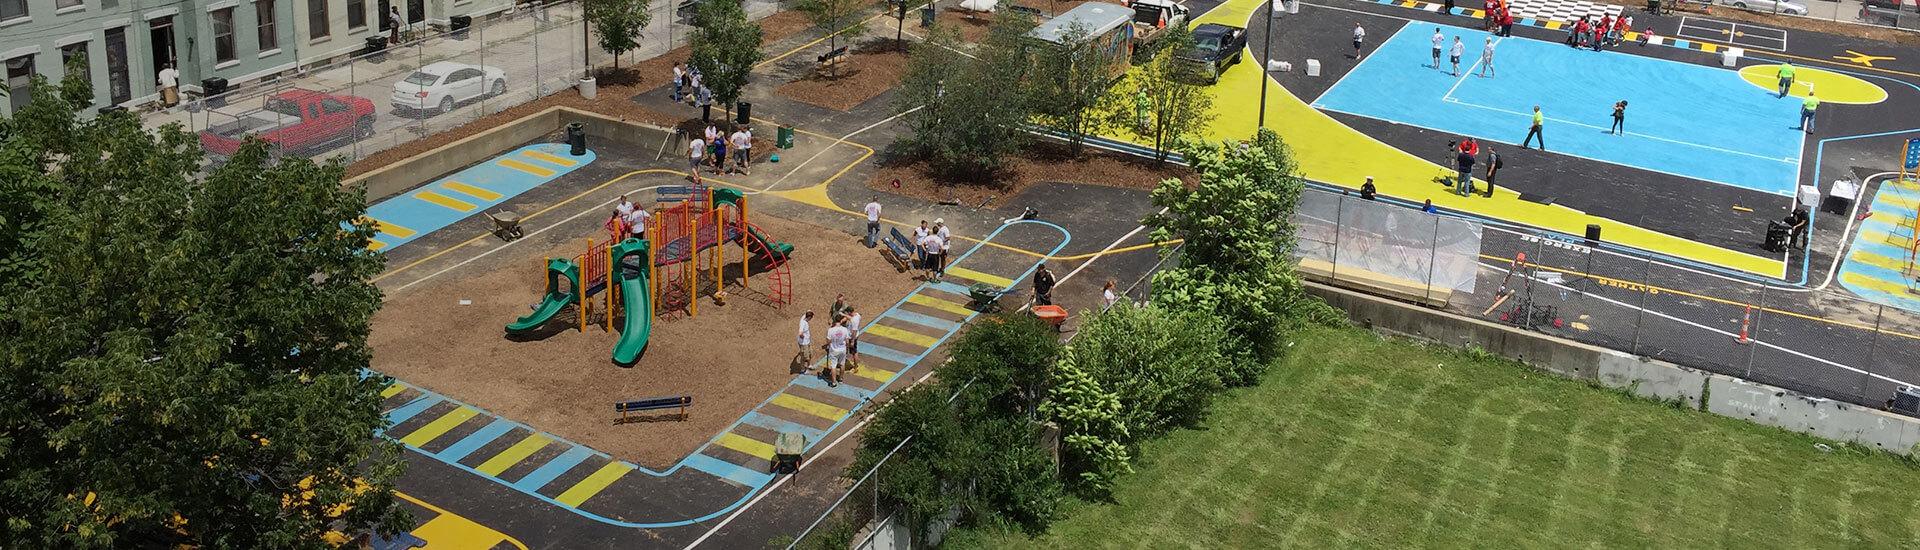 home_playground_1